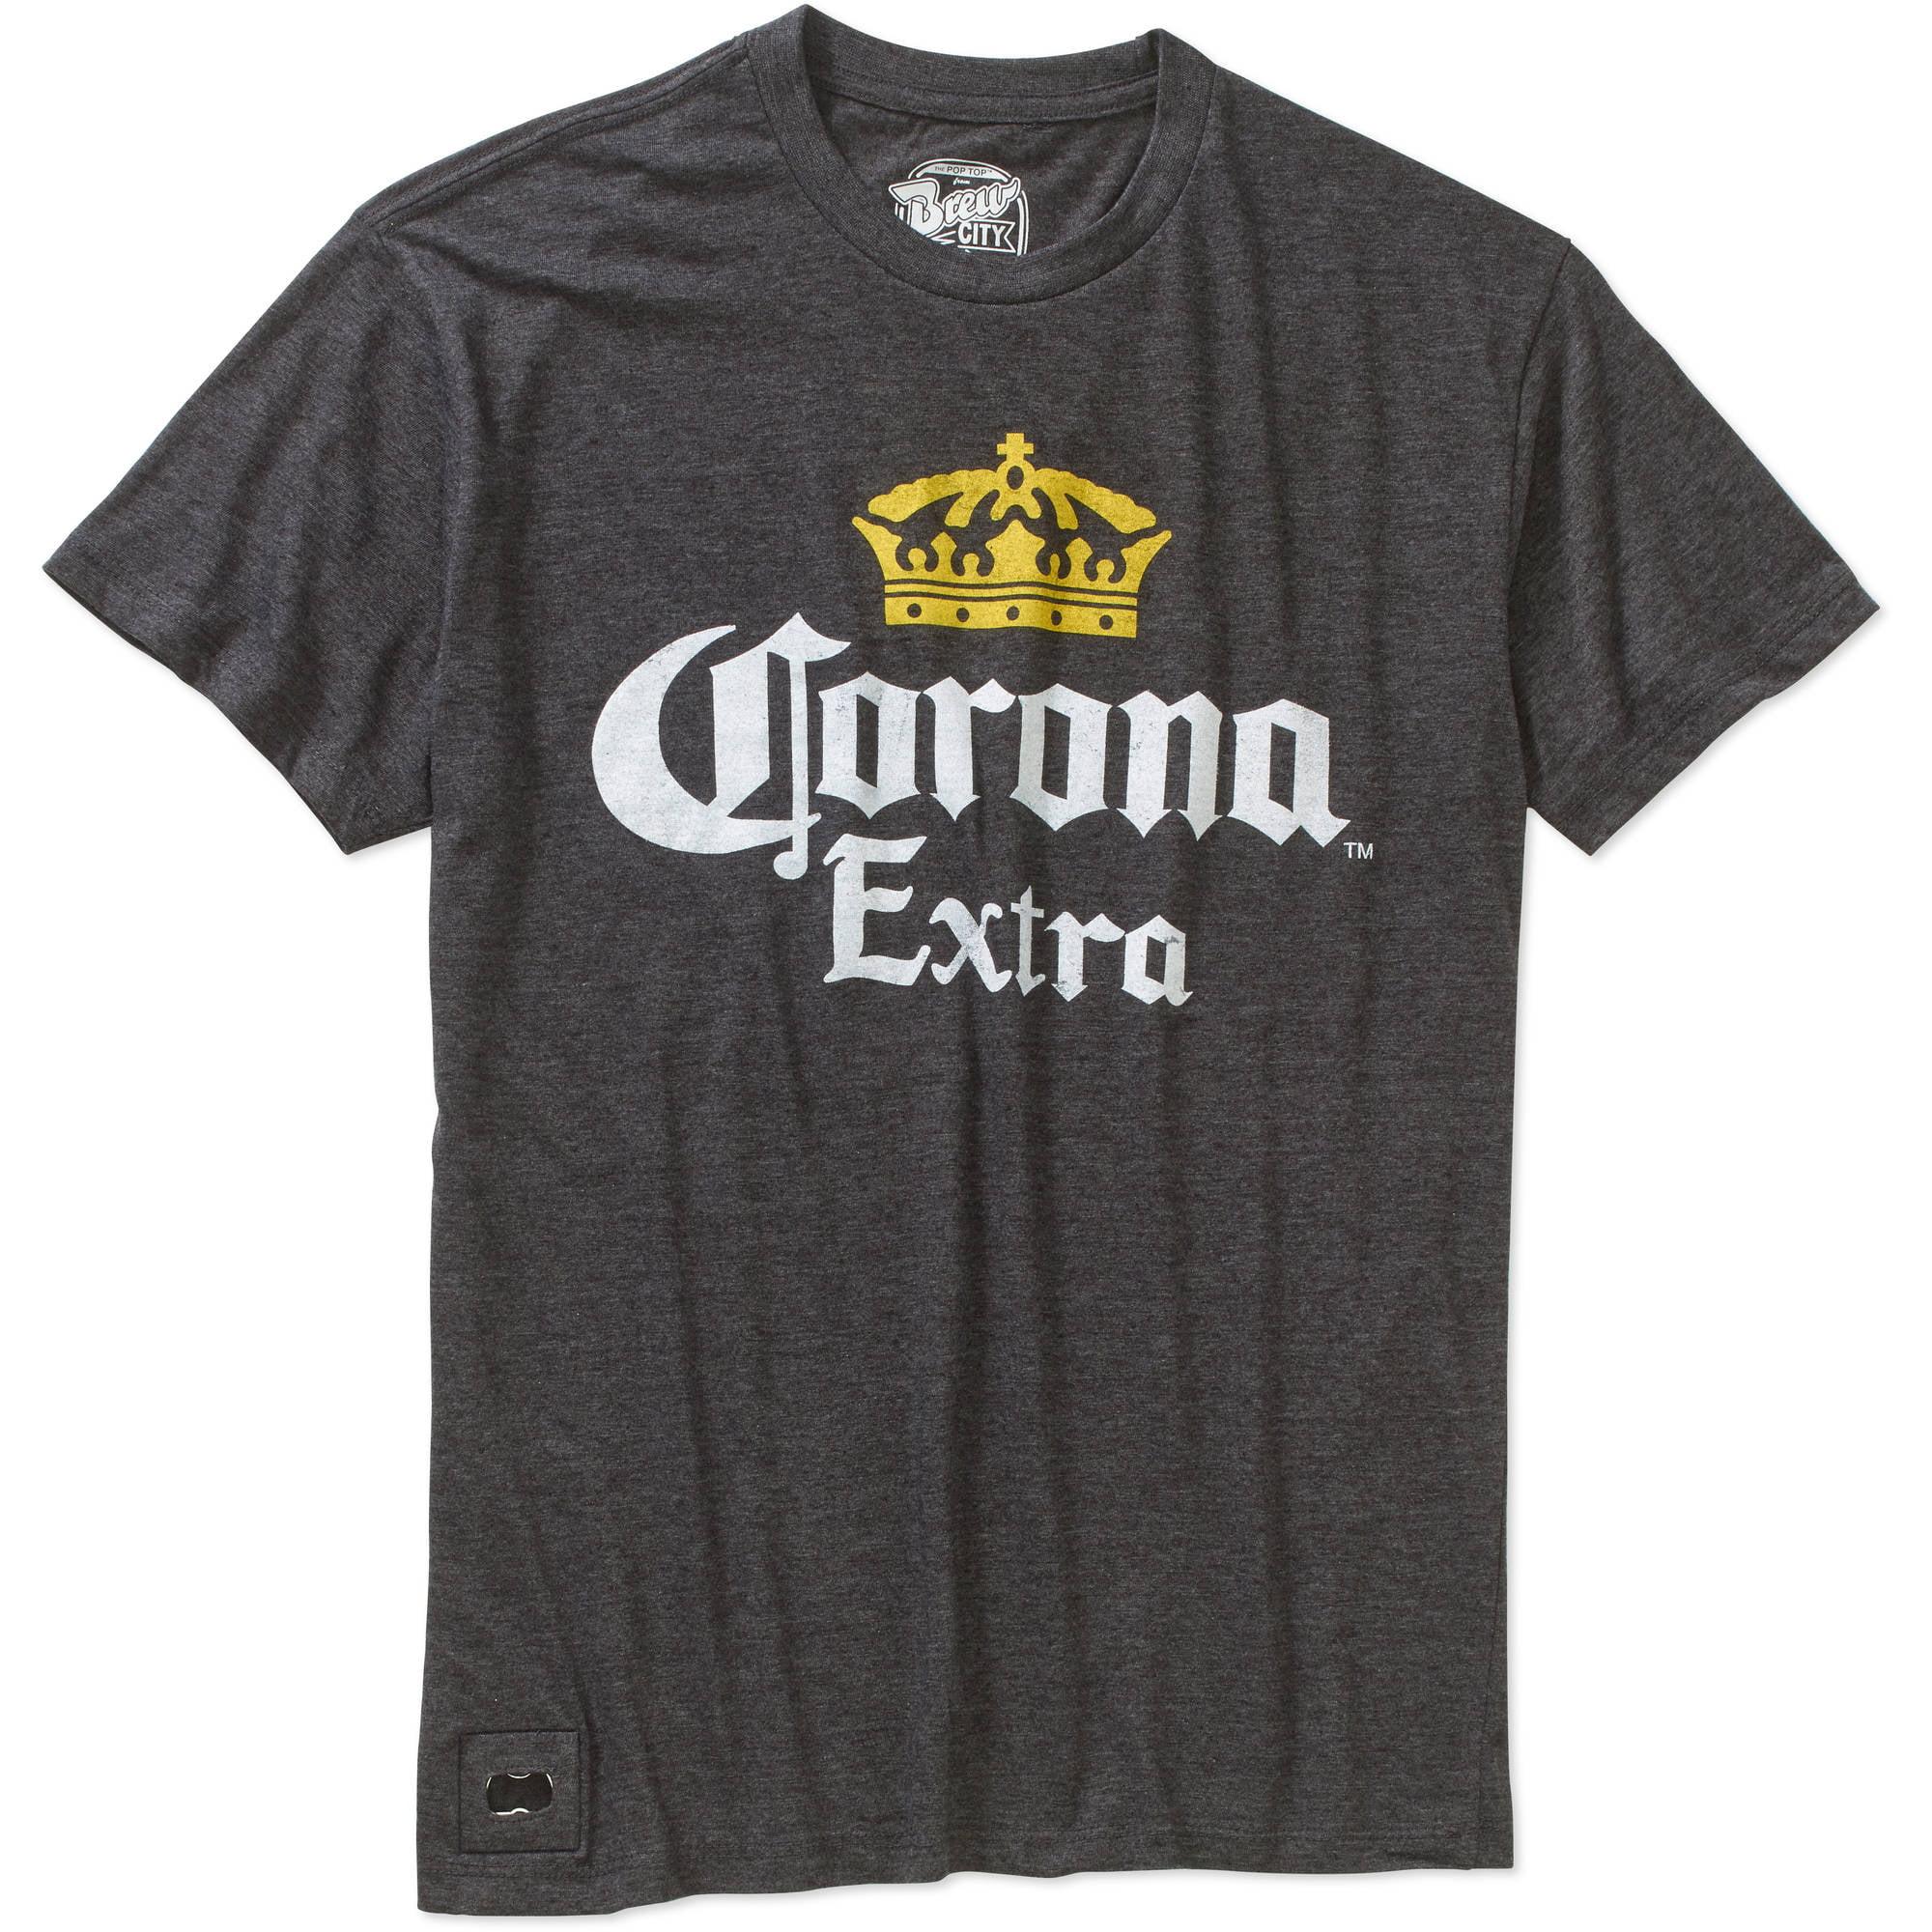 Corona Big Men's Pop Top Graphic Tee with Bottle Opener, 2XL